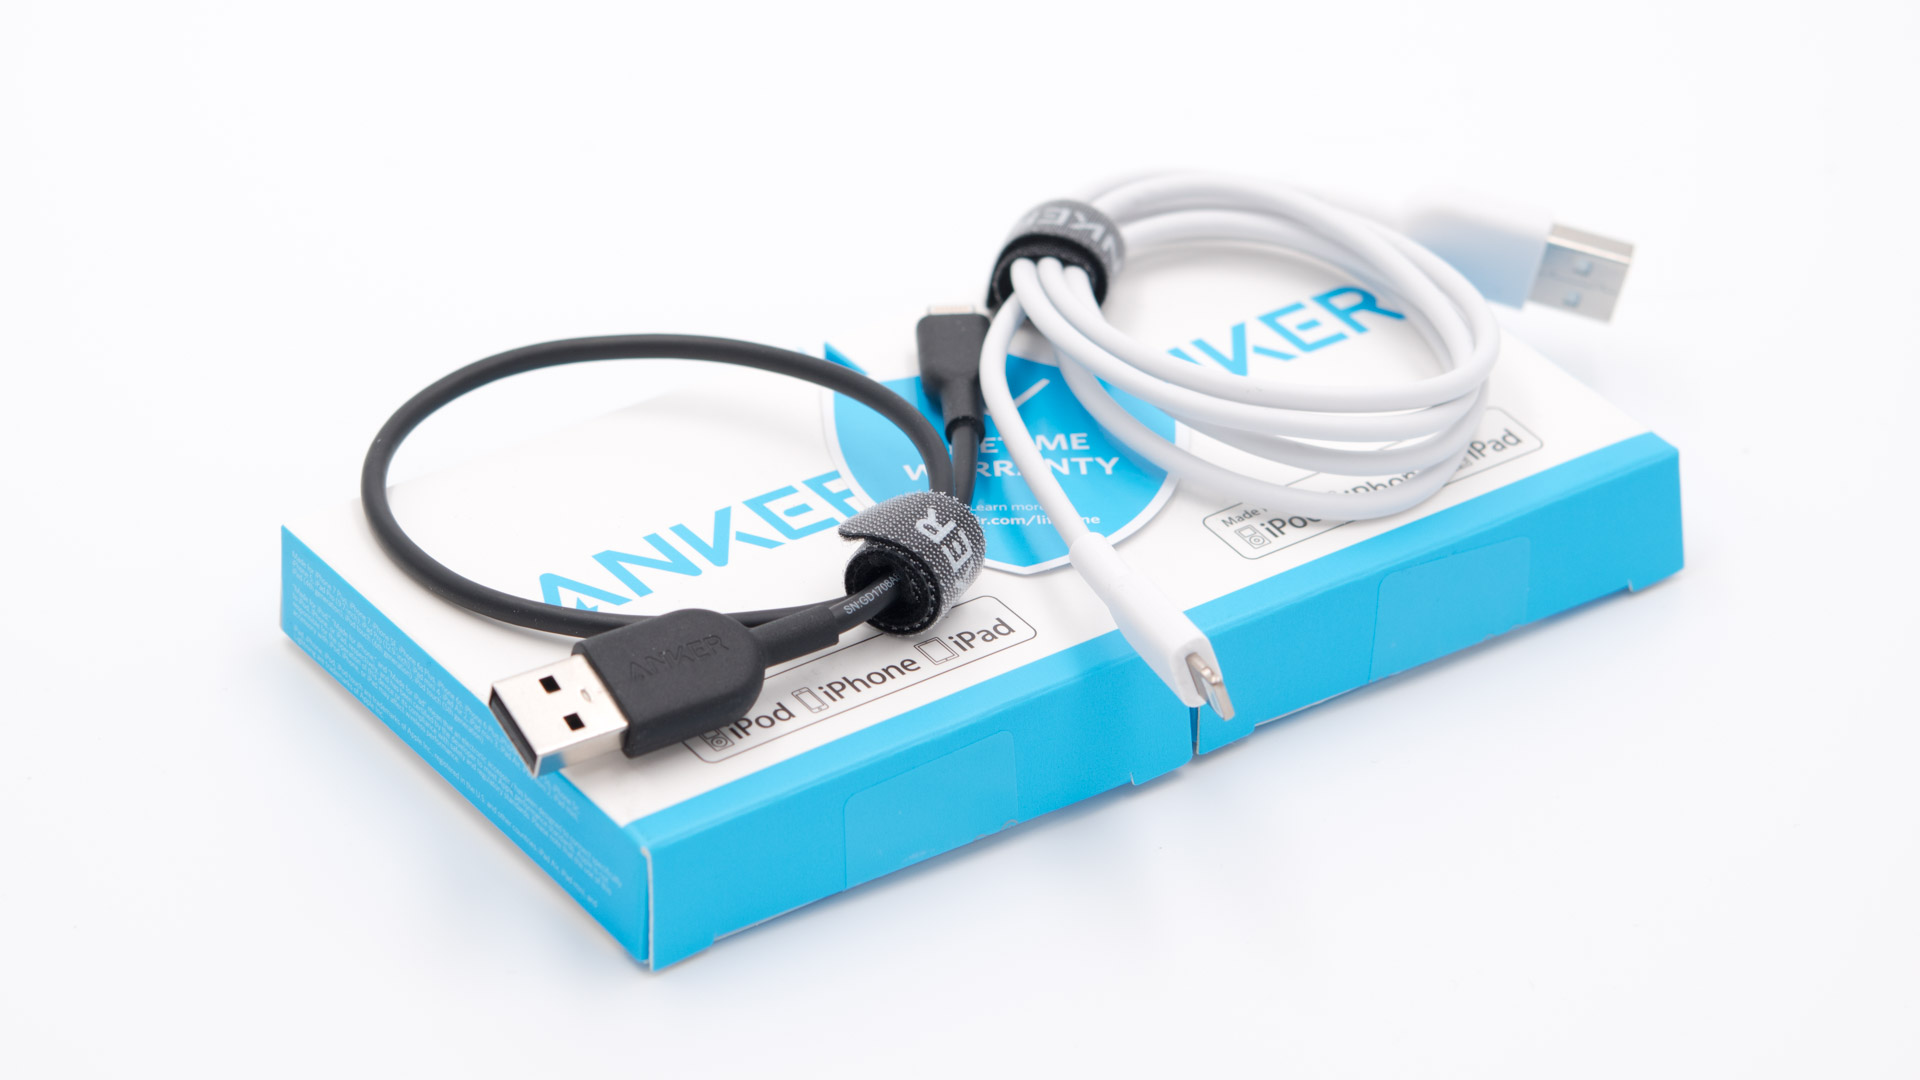 die anker powerline 2 lightning kabel im test ladekabel mit lebenslanger garantie techtest. Black Bedroom Furniture Sets. Home Design Ideas